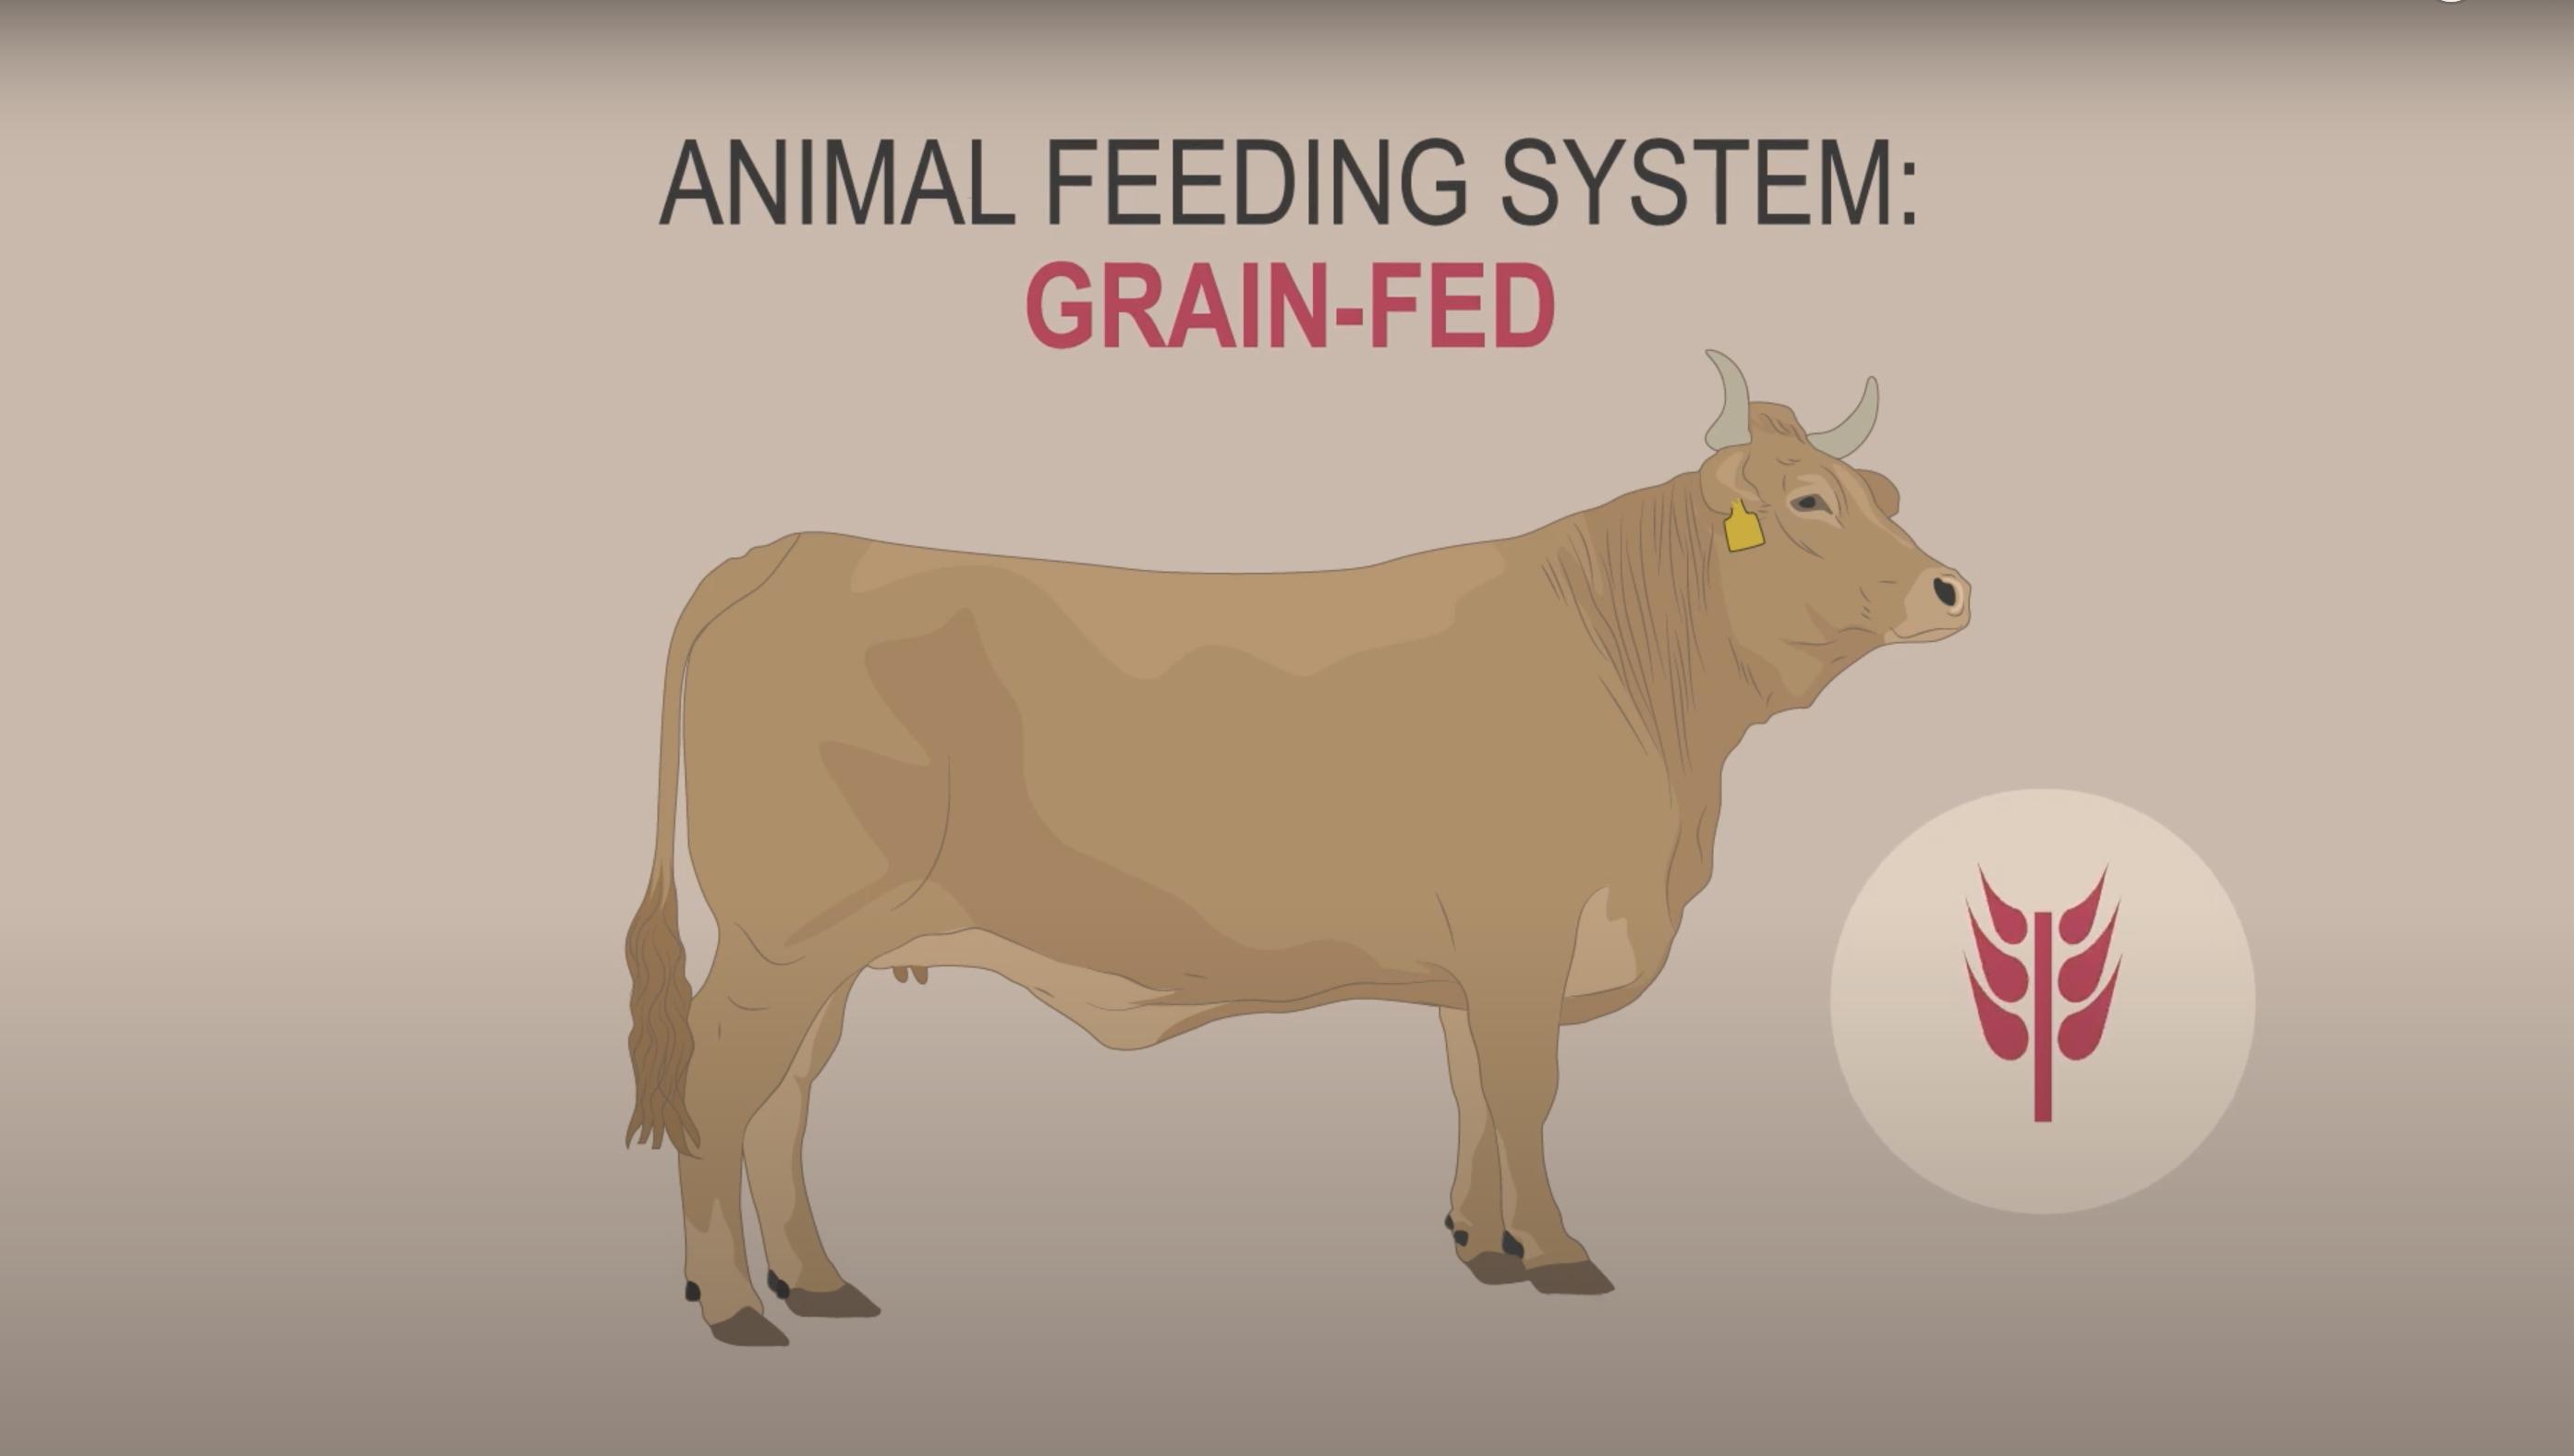 Grain-fed. Animal feeding system